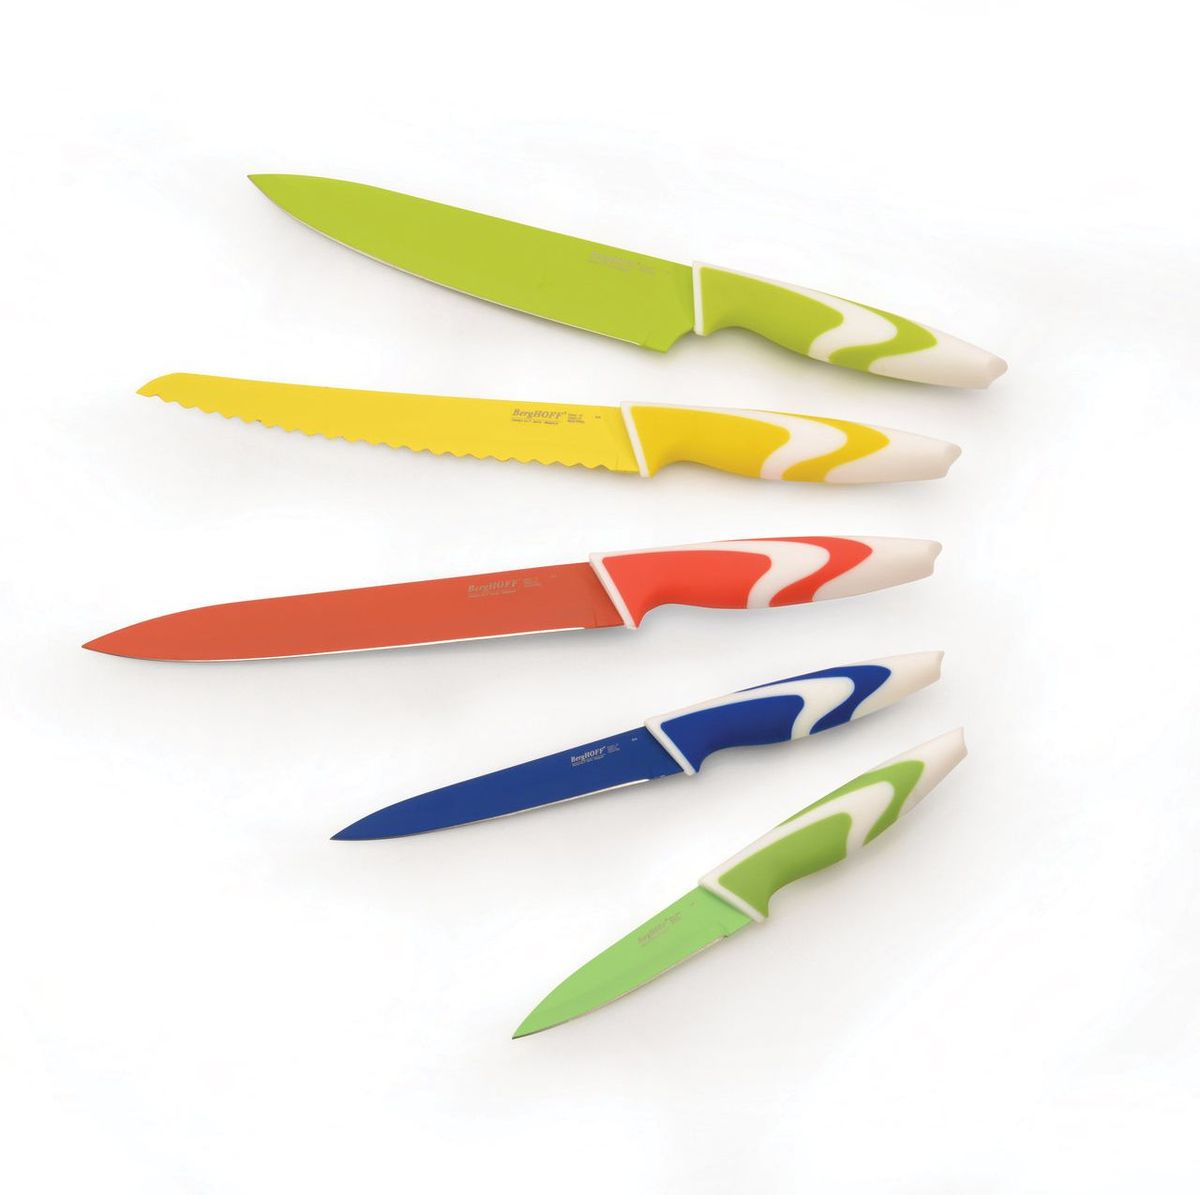 Набор ножей BergHOFF Studio, с керамическим покрытием, 5 шт1304002Лезвия из высококачественной нержавеющей стали и ручки из прочного синтетического материала. Легкость и великолепный баланс для простоты в использовании. Цвета позволяют легко выбрать правильный нож для конкретной работы. Керамическое покрытие обеспечивает плавное нарезание без прилипания нарезаемой пищи к лезвию.Состав набора:нож для очистки овощей 9 см;универсальный нож 13 см;нож для мяса 20 см;поварской нож 20 см;нож для хлеба 20 см.